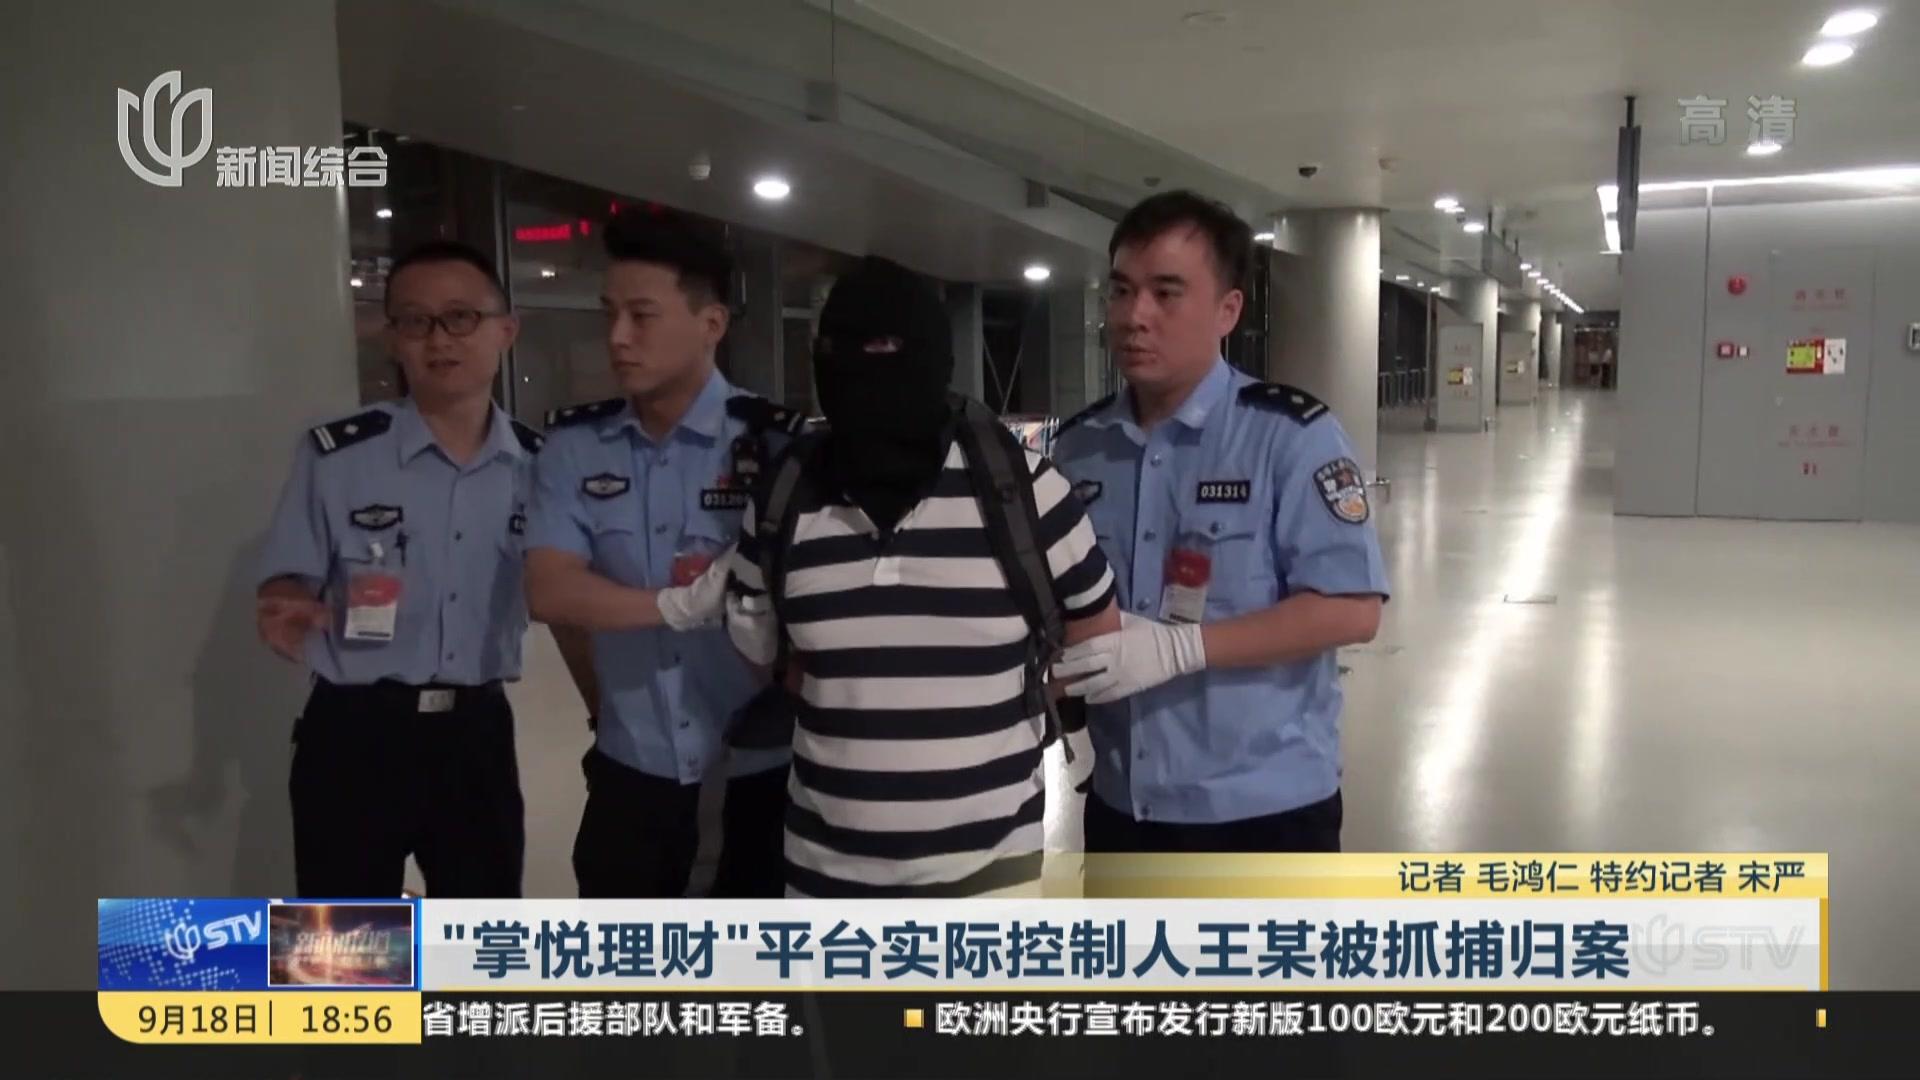 """""""掌悦理财""""平台实际控制人王某被抓捕归案"""